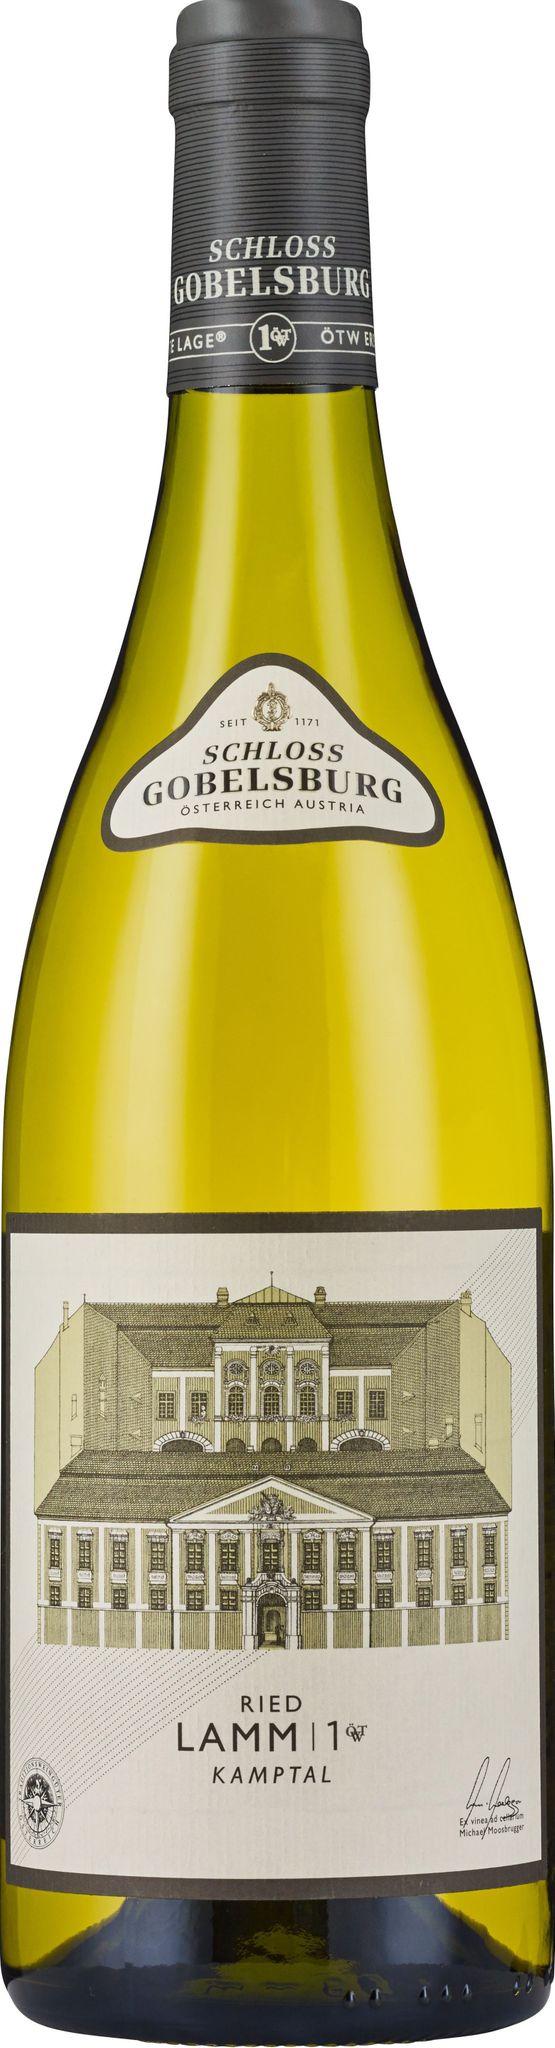 Produktbild på Schloss Gobelsburger Kammerner Lamm